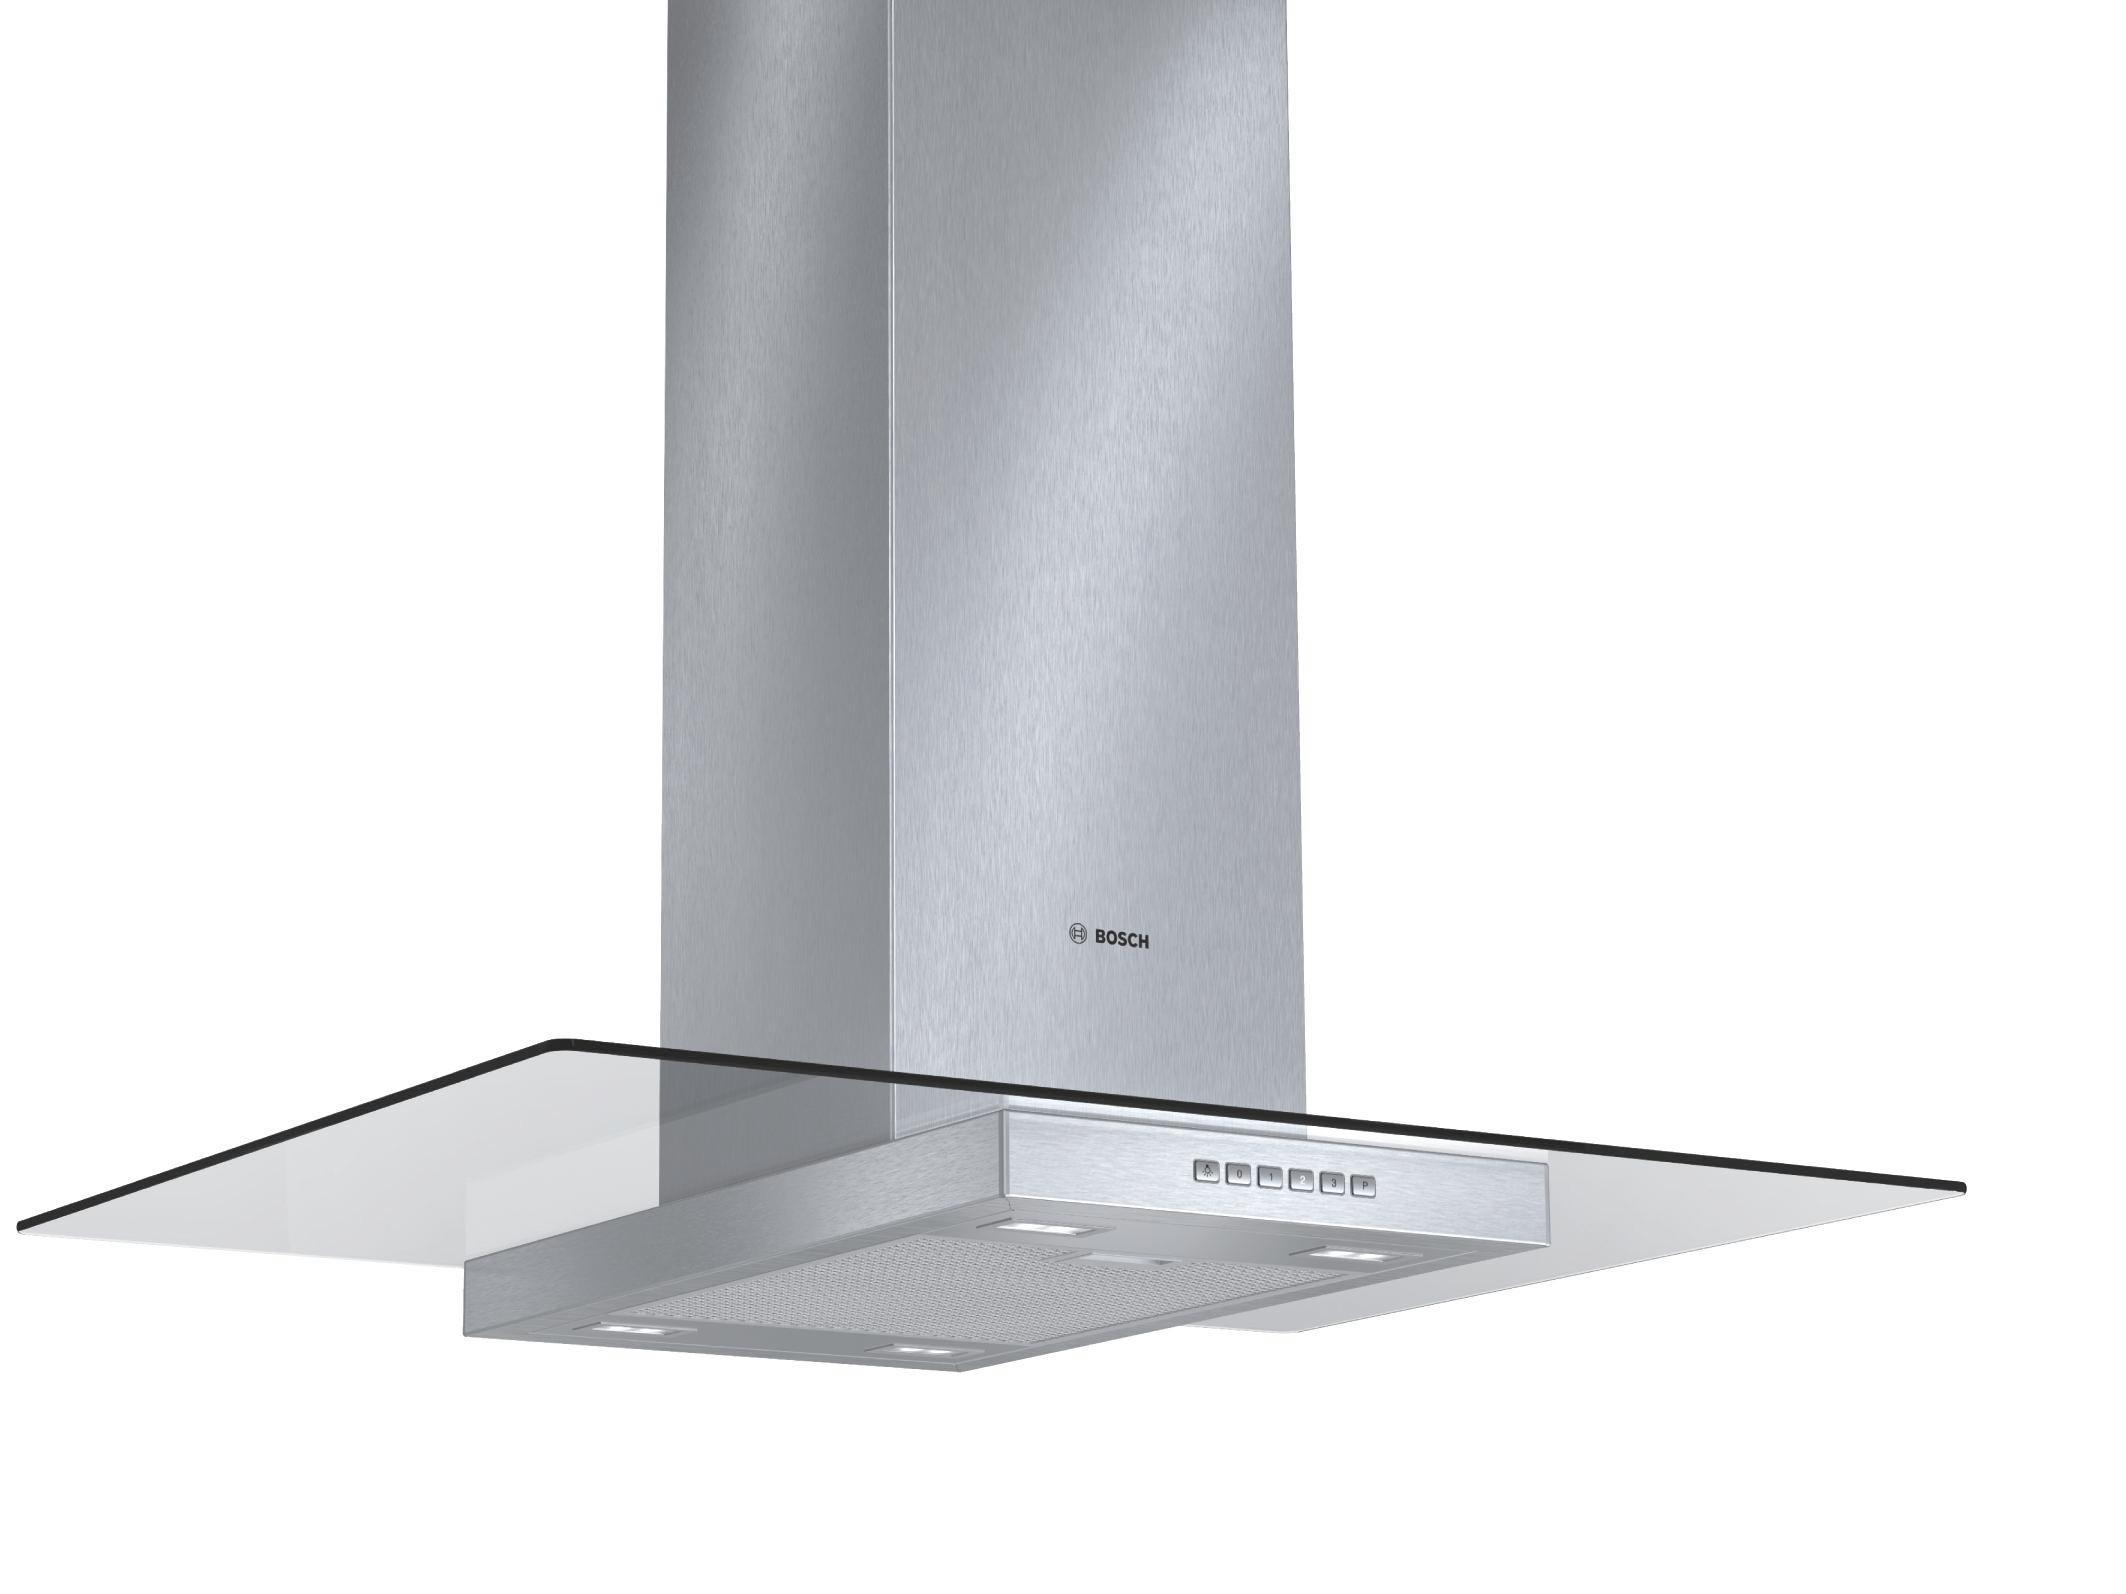 Dunstabzugshaube Bosch Dia097a50, EEZ A - ROMANTIK / LANDHAUS, Glas/Metall (90/75,1-105,1/68cm) - BOSCH